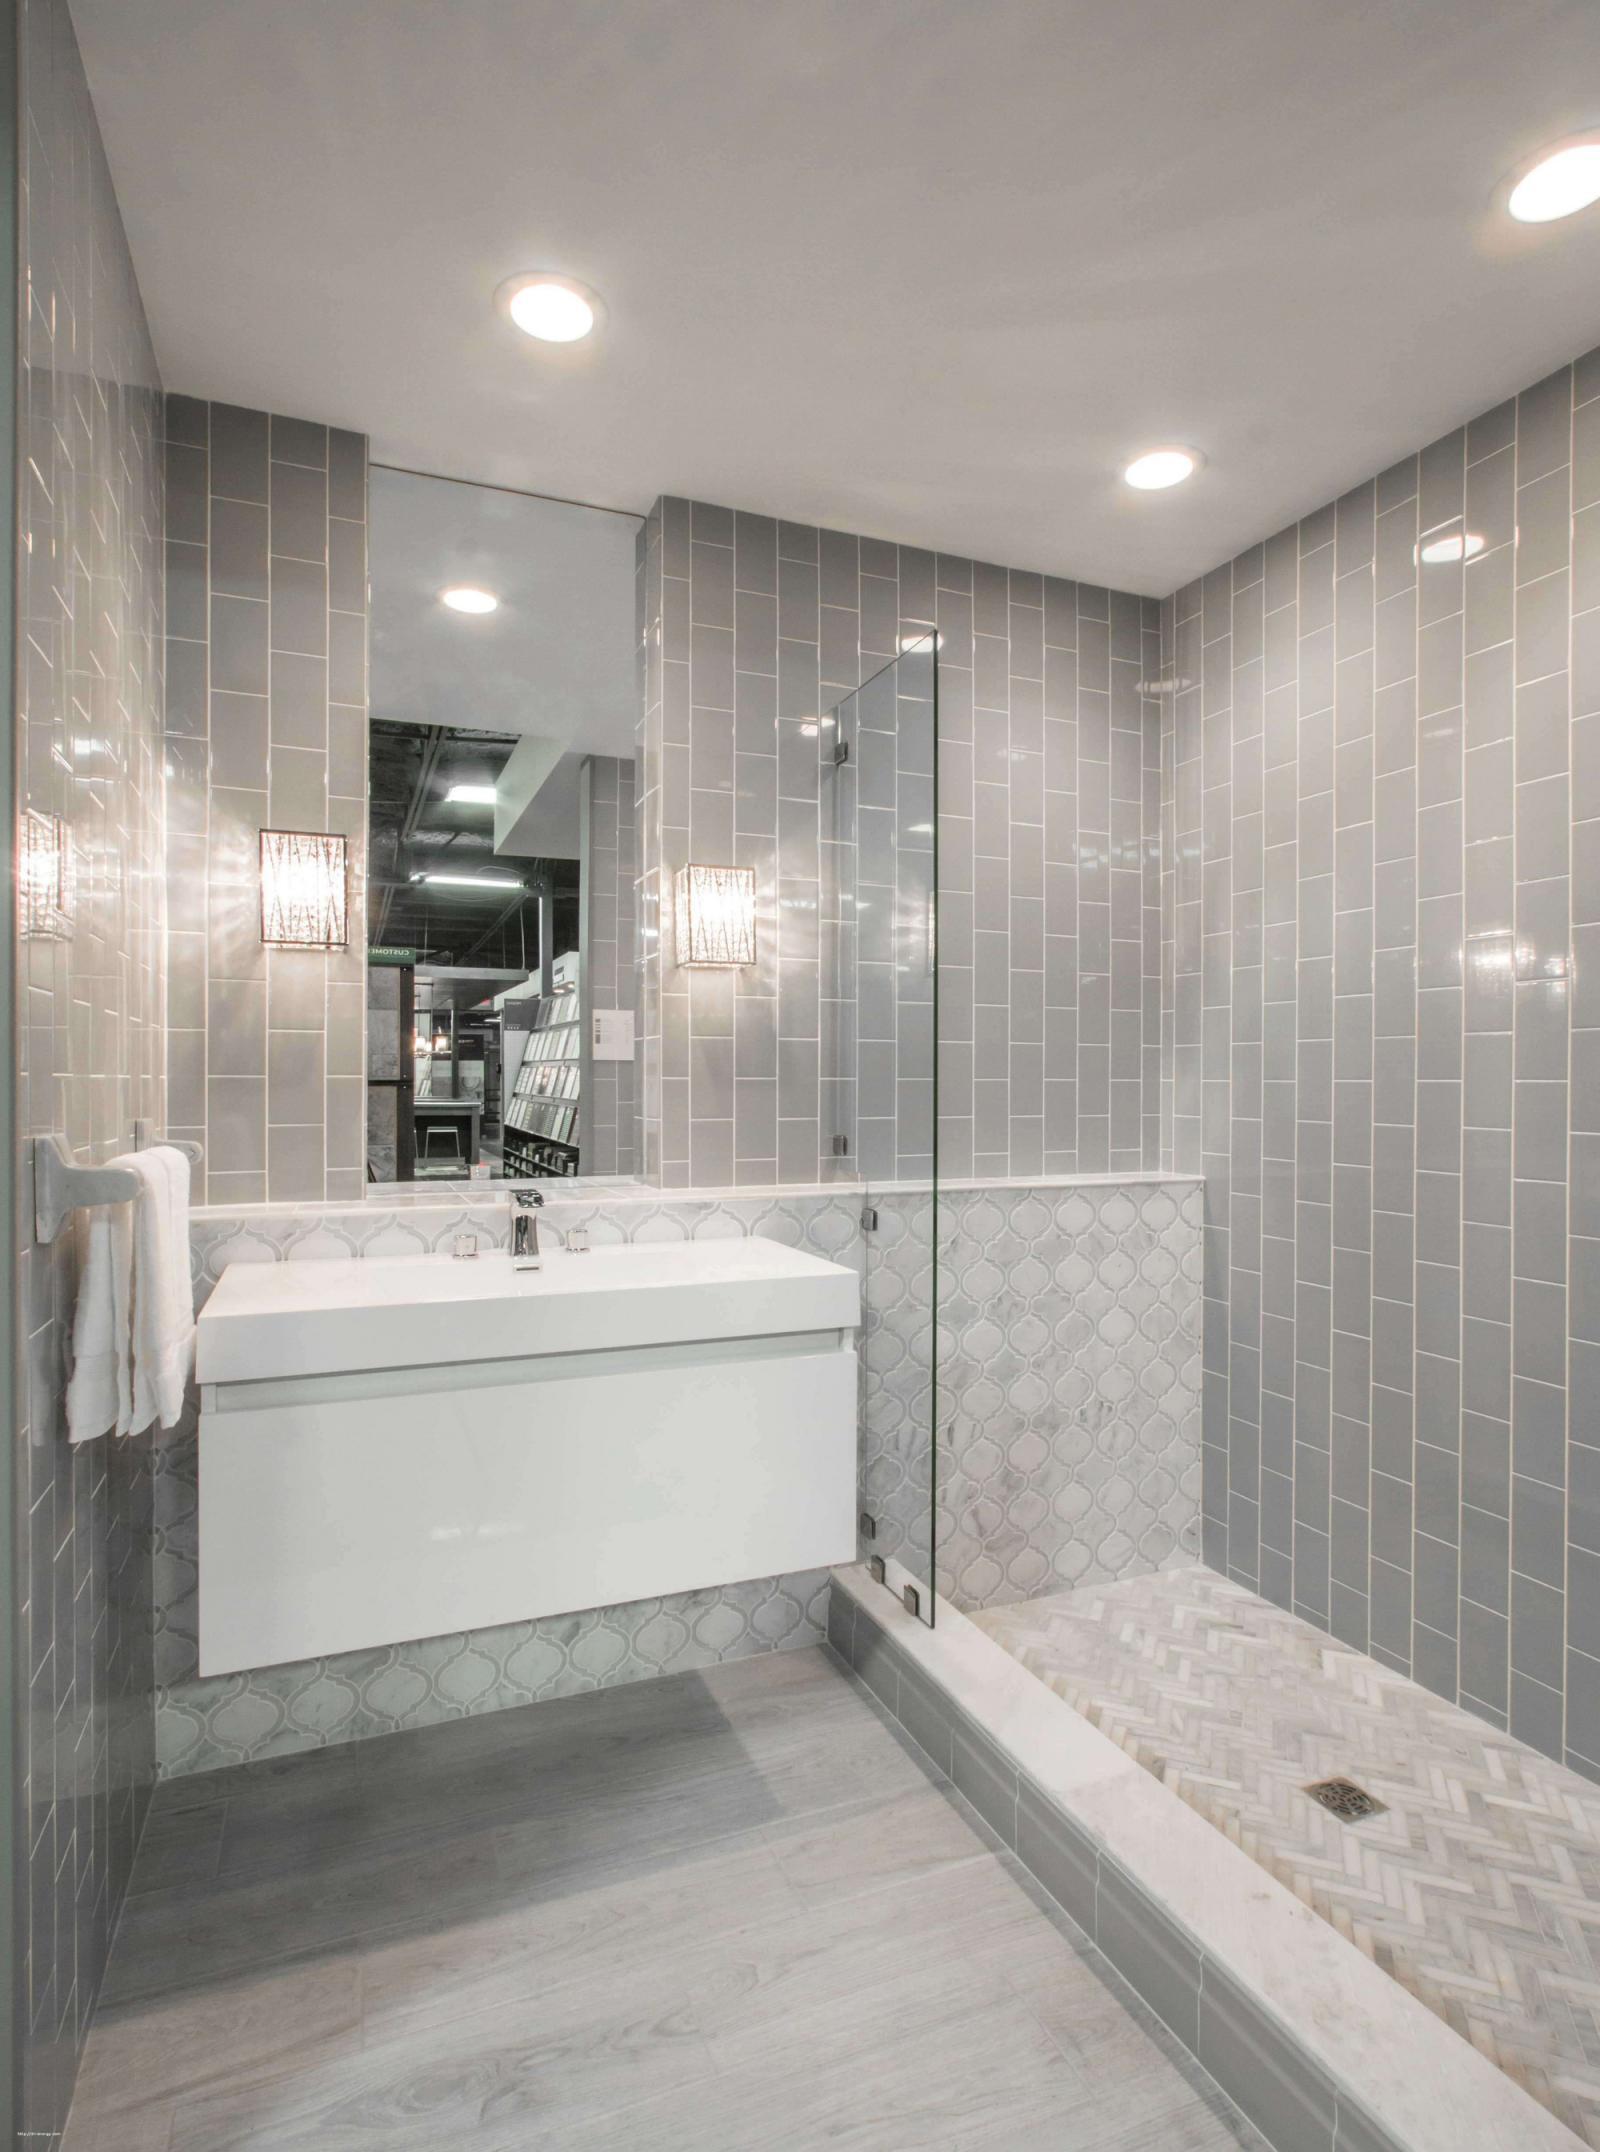 Phòng tắm với bồn rửa tay màu trắng lớn, vách kính, tường ốp gạch xám.